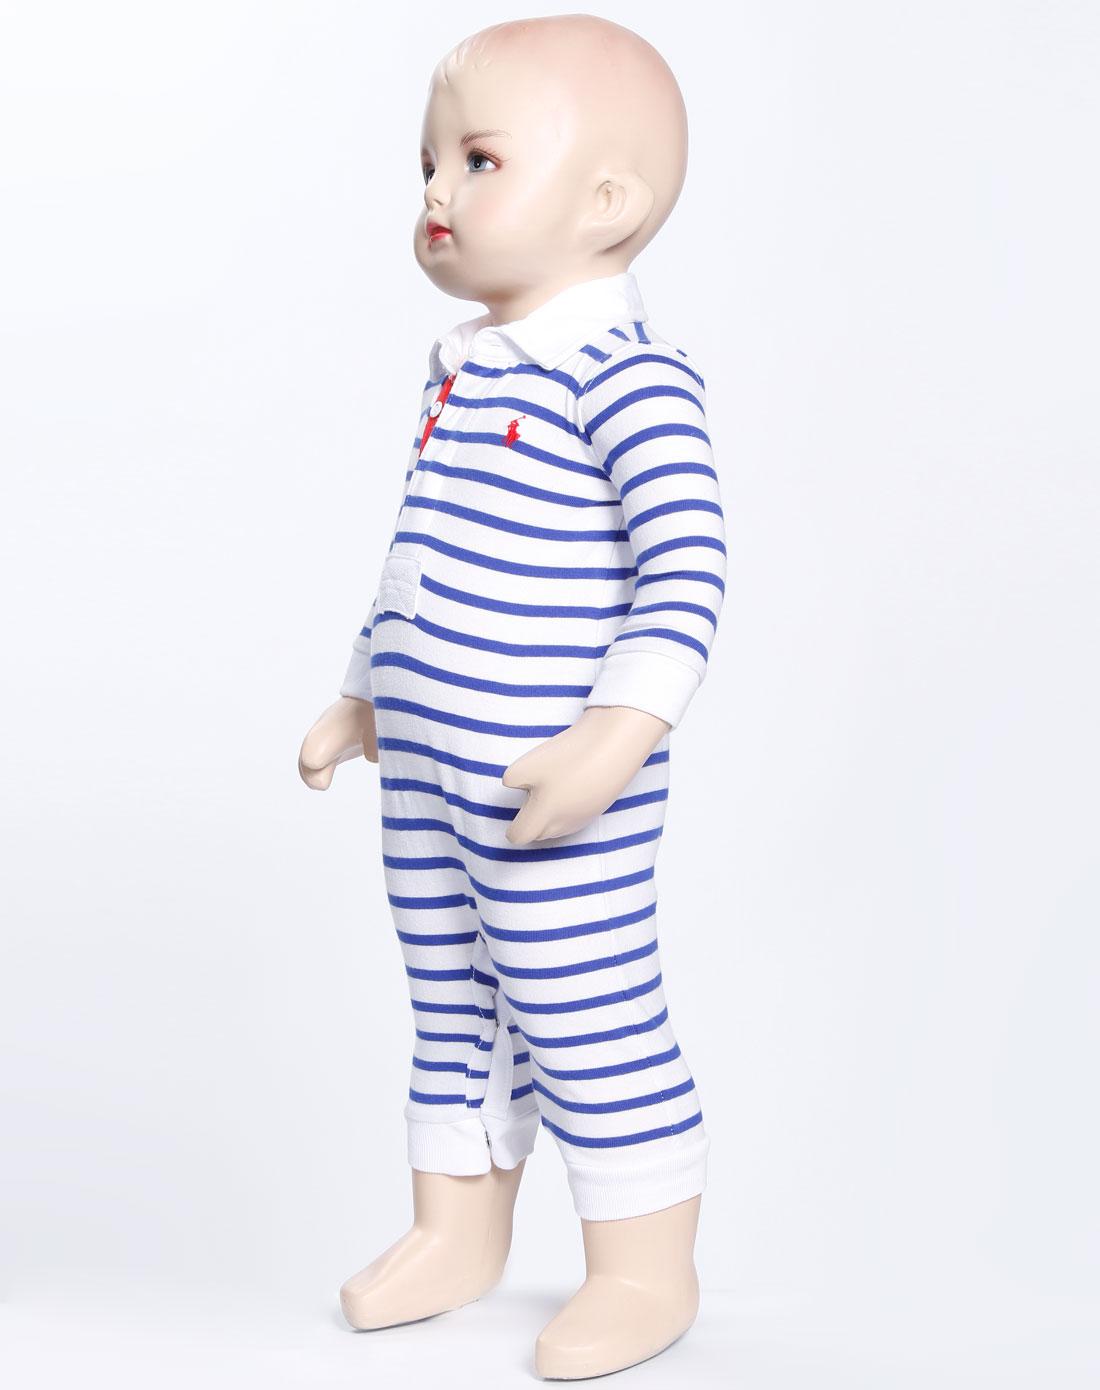 儿童白色蓝条长袖裤